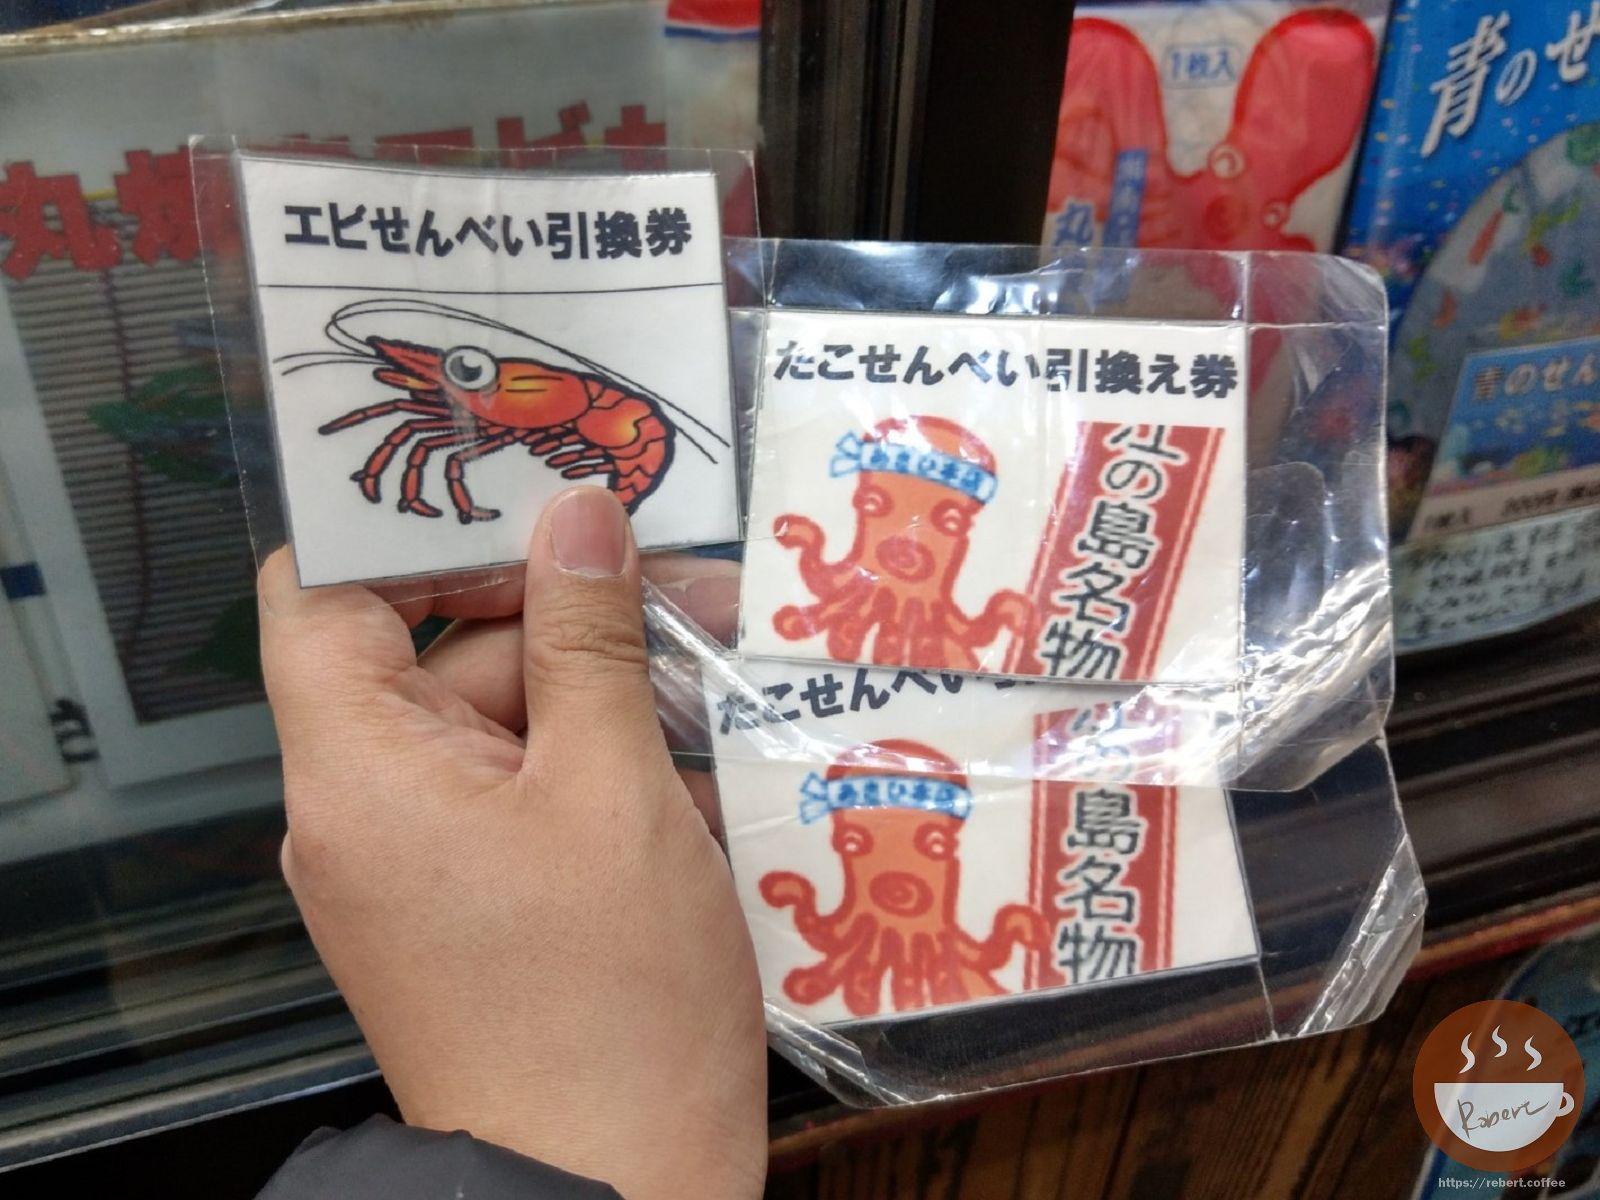 朝日堂仙貝|鎌倉必吃必買,超大章魚仙貝和虎蝦螃蟹仙貝,整隻新鮮大章魚跟虎蝦現壓! 7